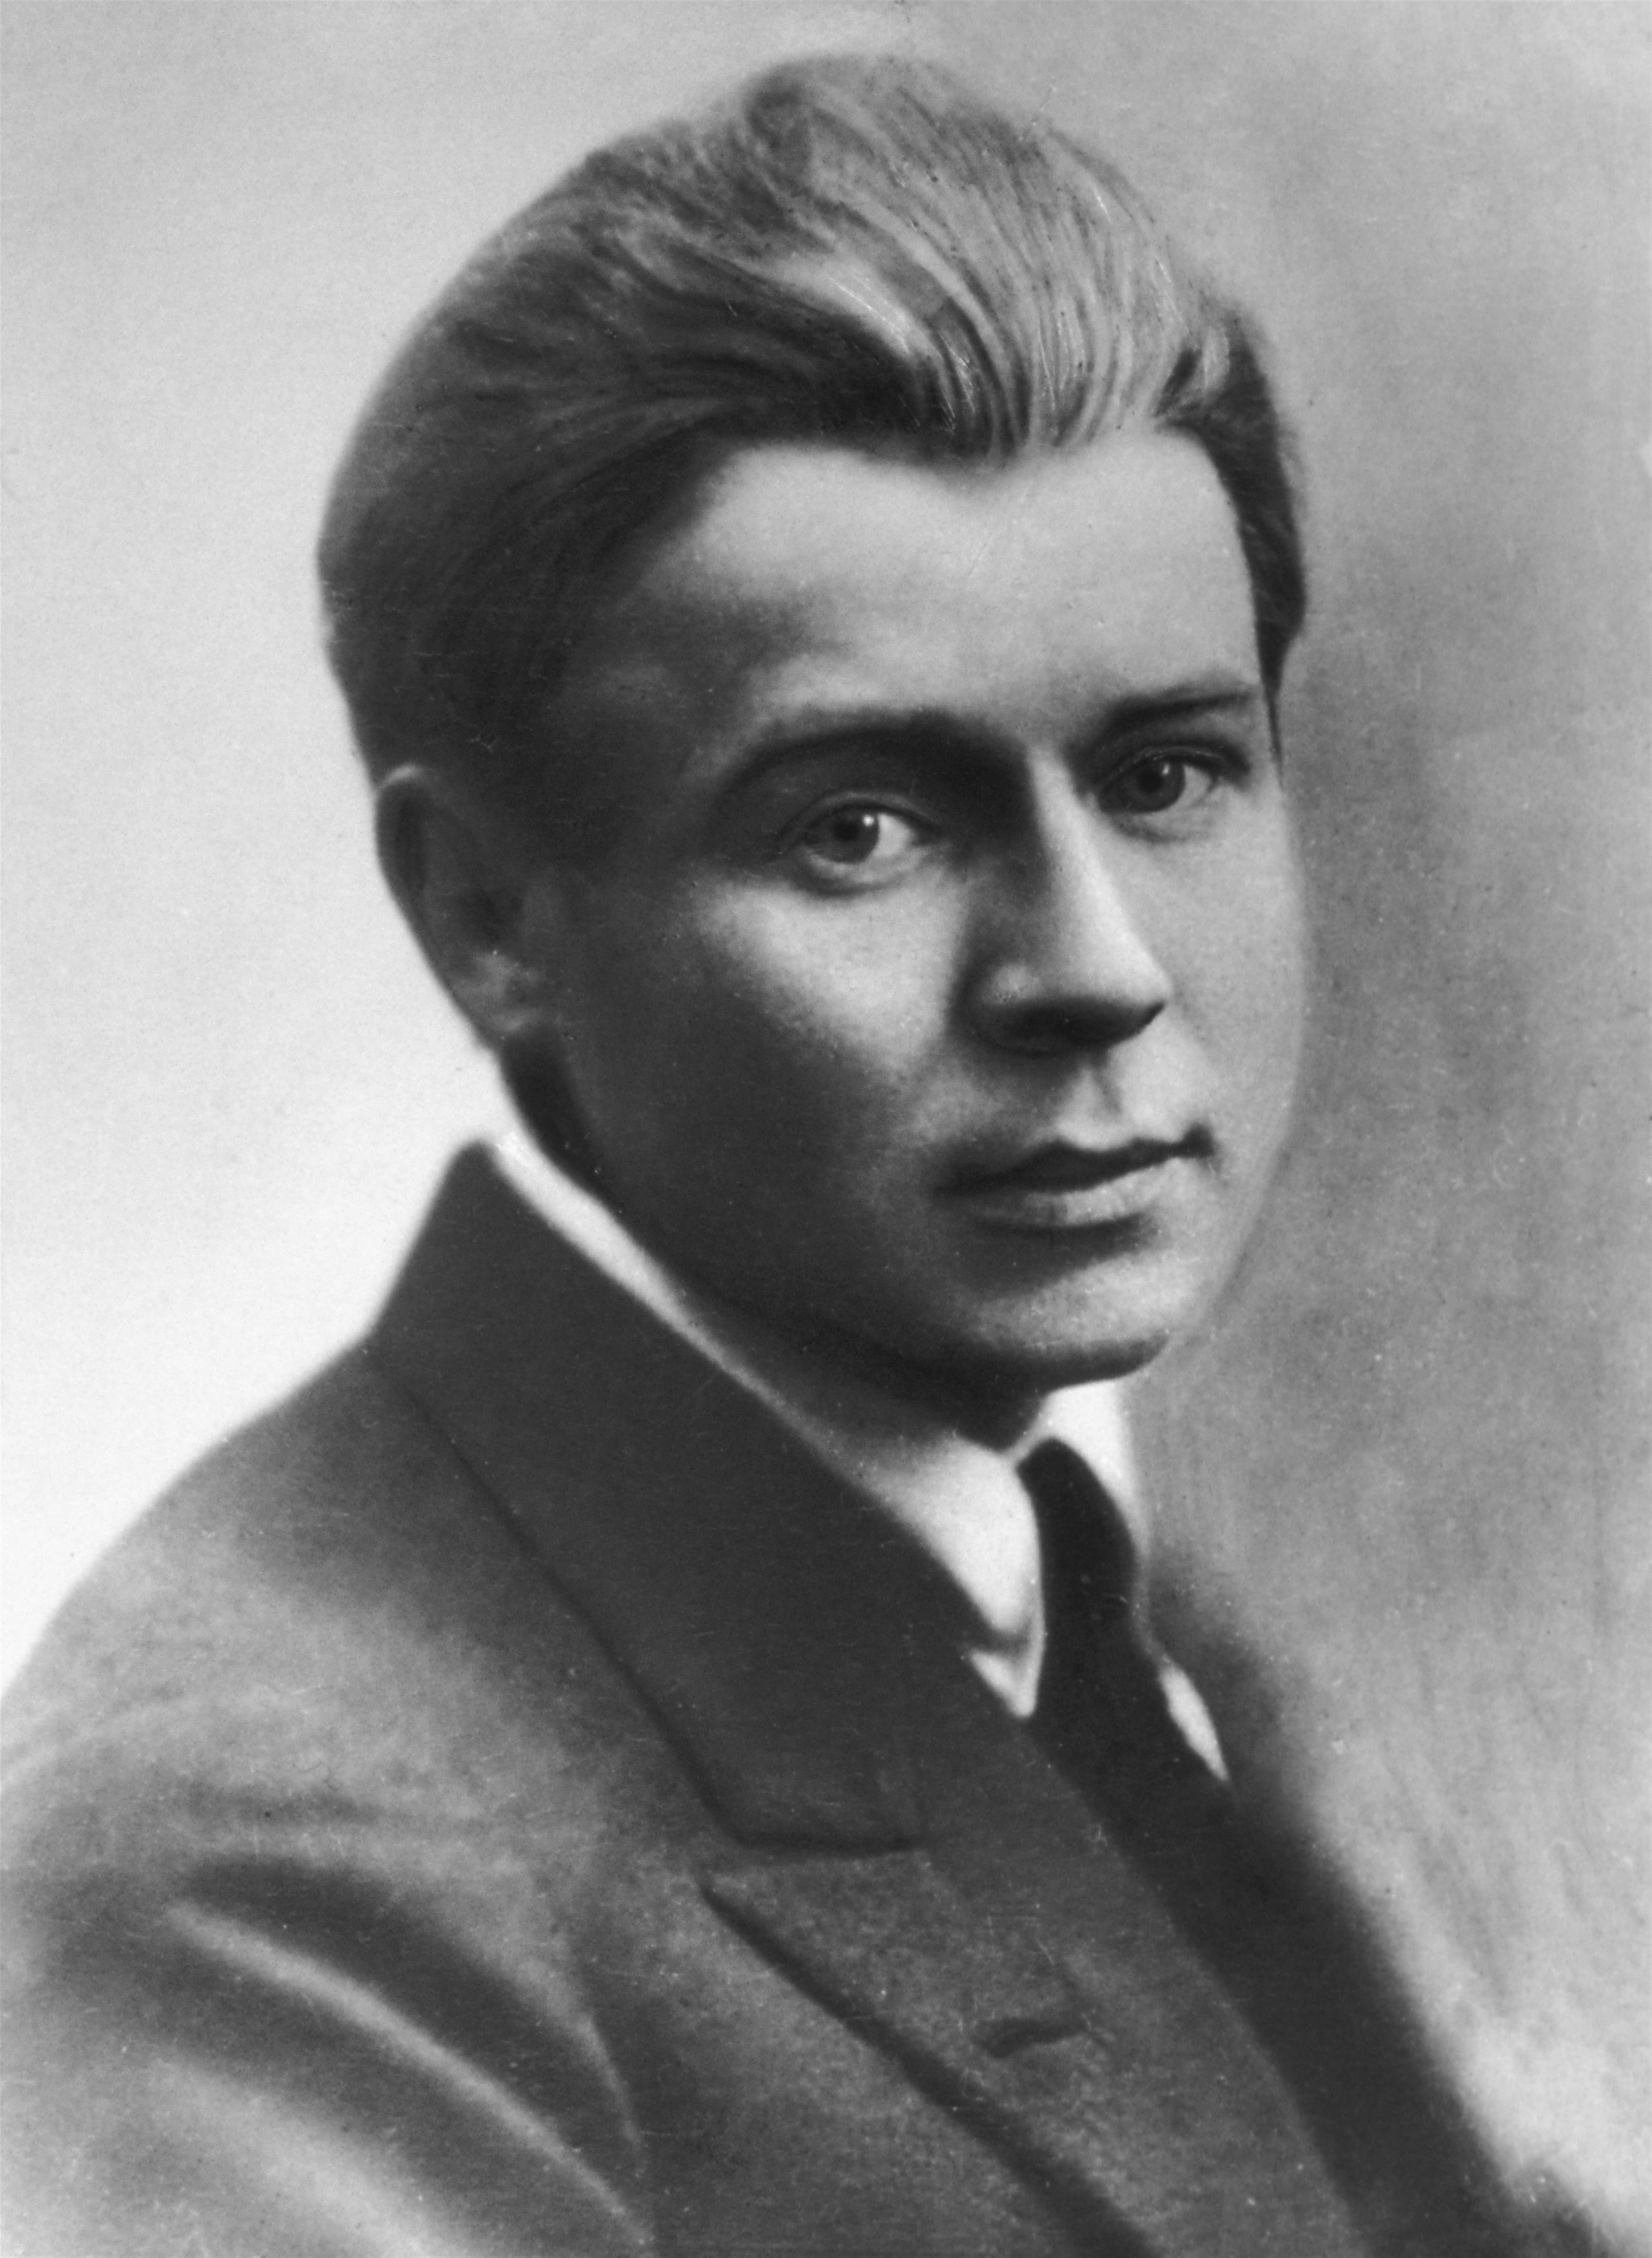 Сергей Есенин. 1925